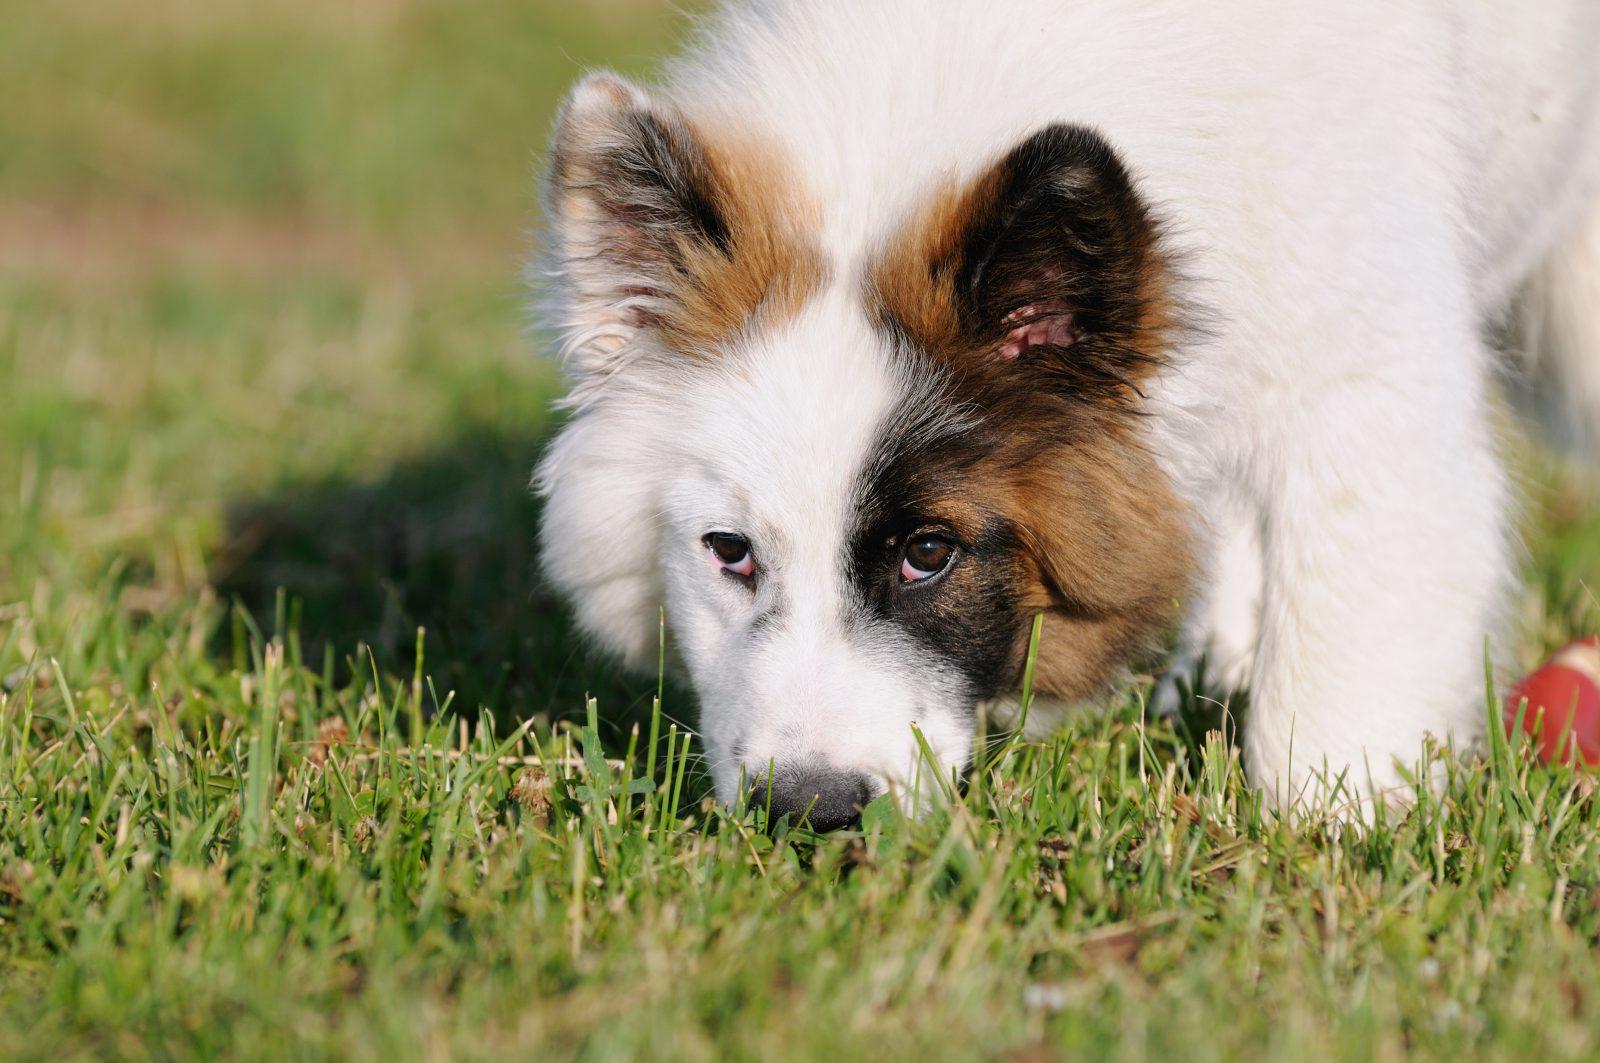 Saiba a razão para comportamentos bizarros dos cachorros